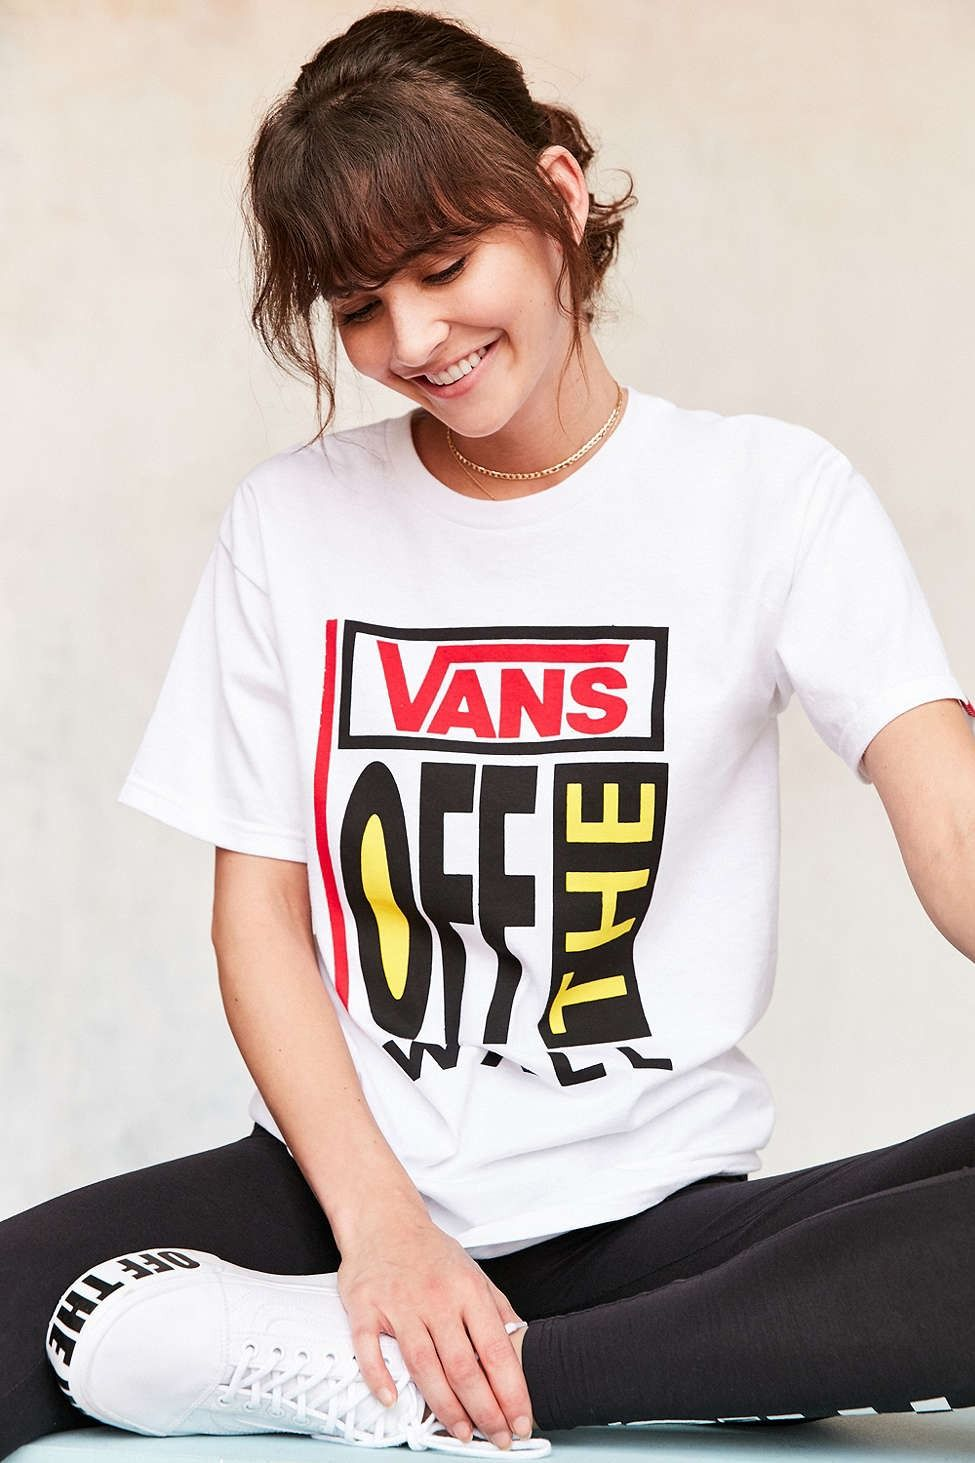 Vans \u0026 UO Old Skool Tee - Urban